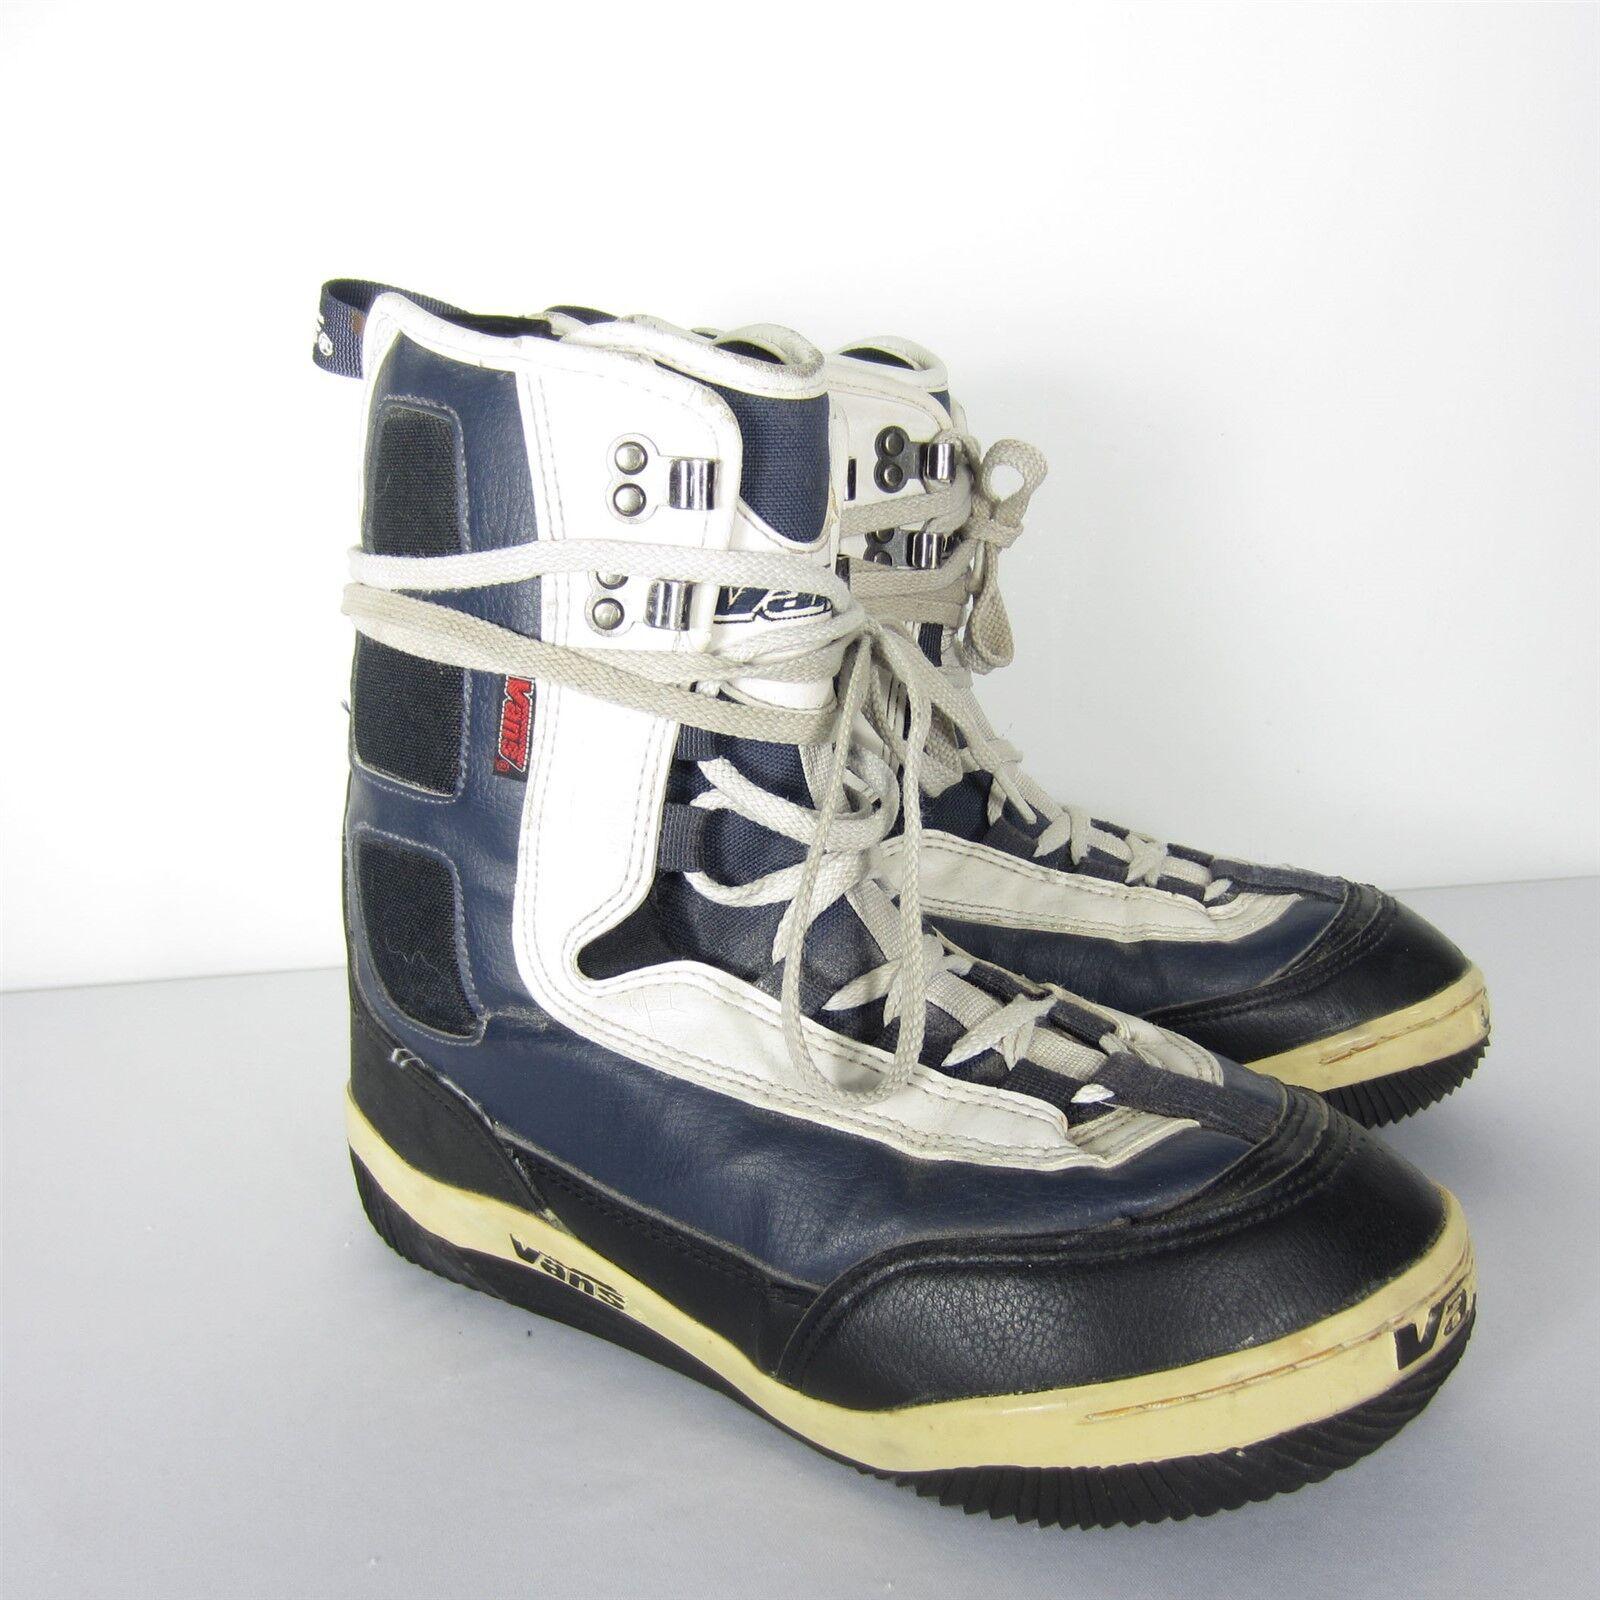 Vintage Vans DINO Snowboarding Boots Retro Laces Mens Size 10